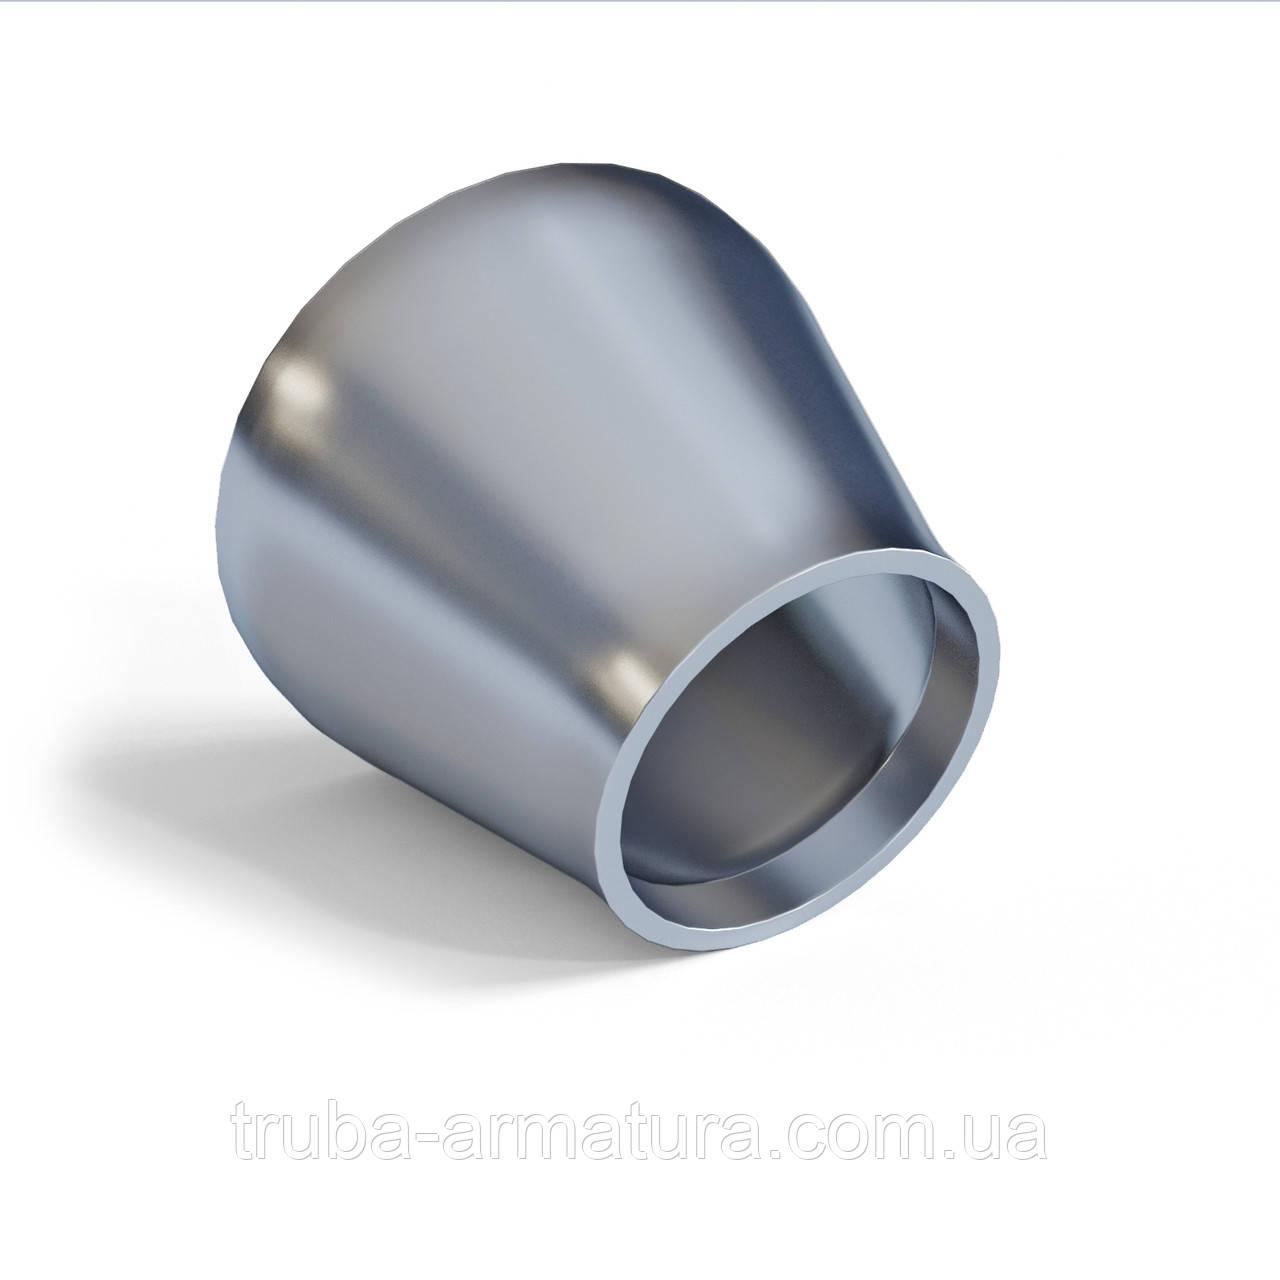 Переход оцинкованный стальной для труб 89x48 (80x40)